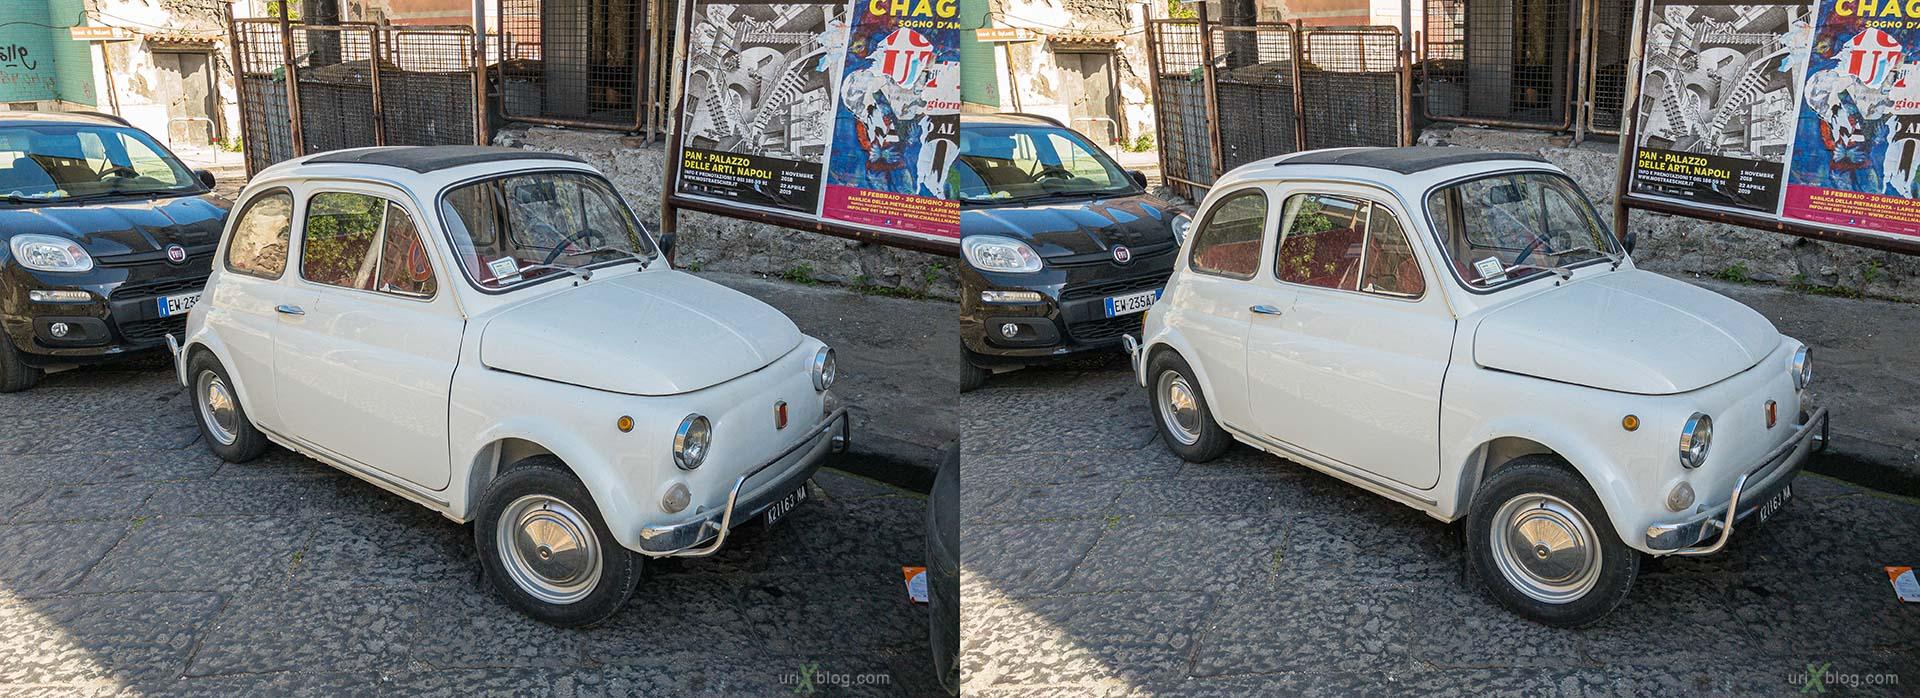 автомобиль, машинка, Торре-Аннунциата, Италия, 3D, перекрёстная стереопара, стерео, стереопара